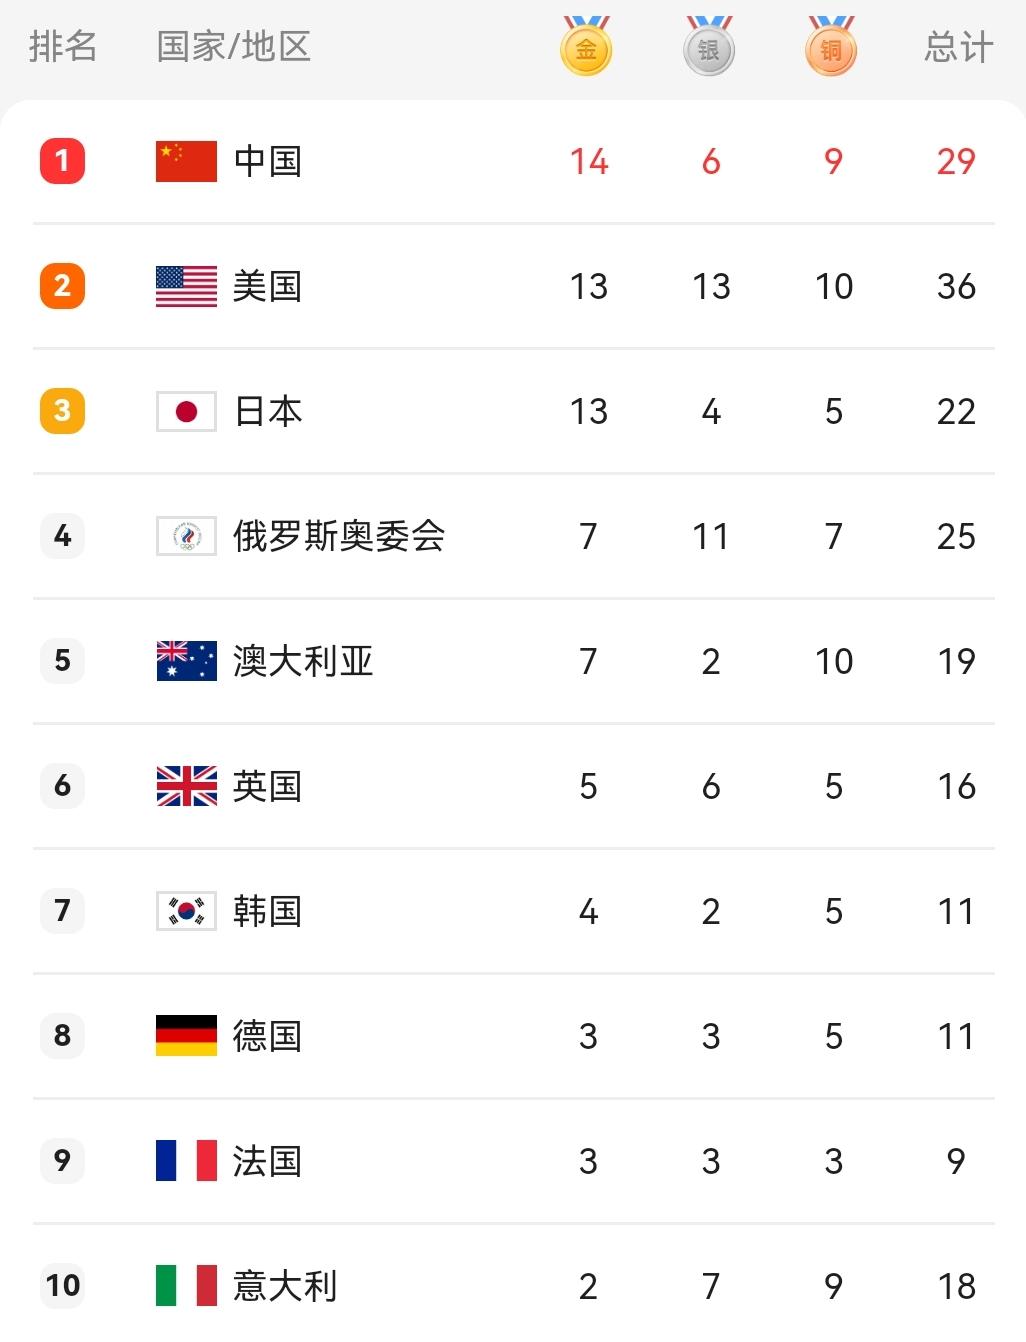 2020年东京奥运会奖牌榜